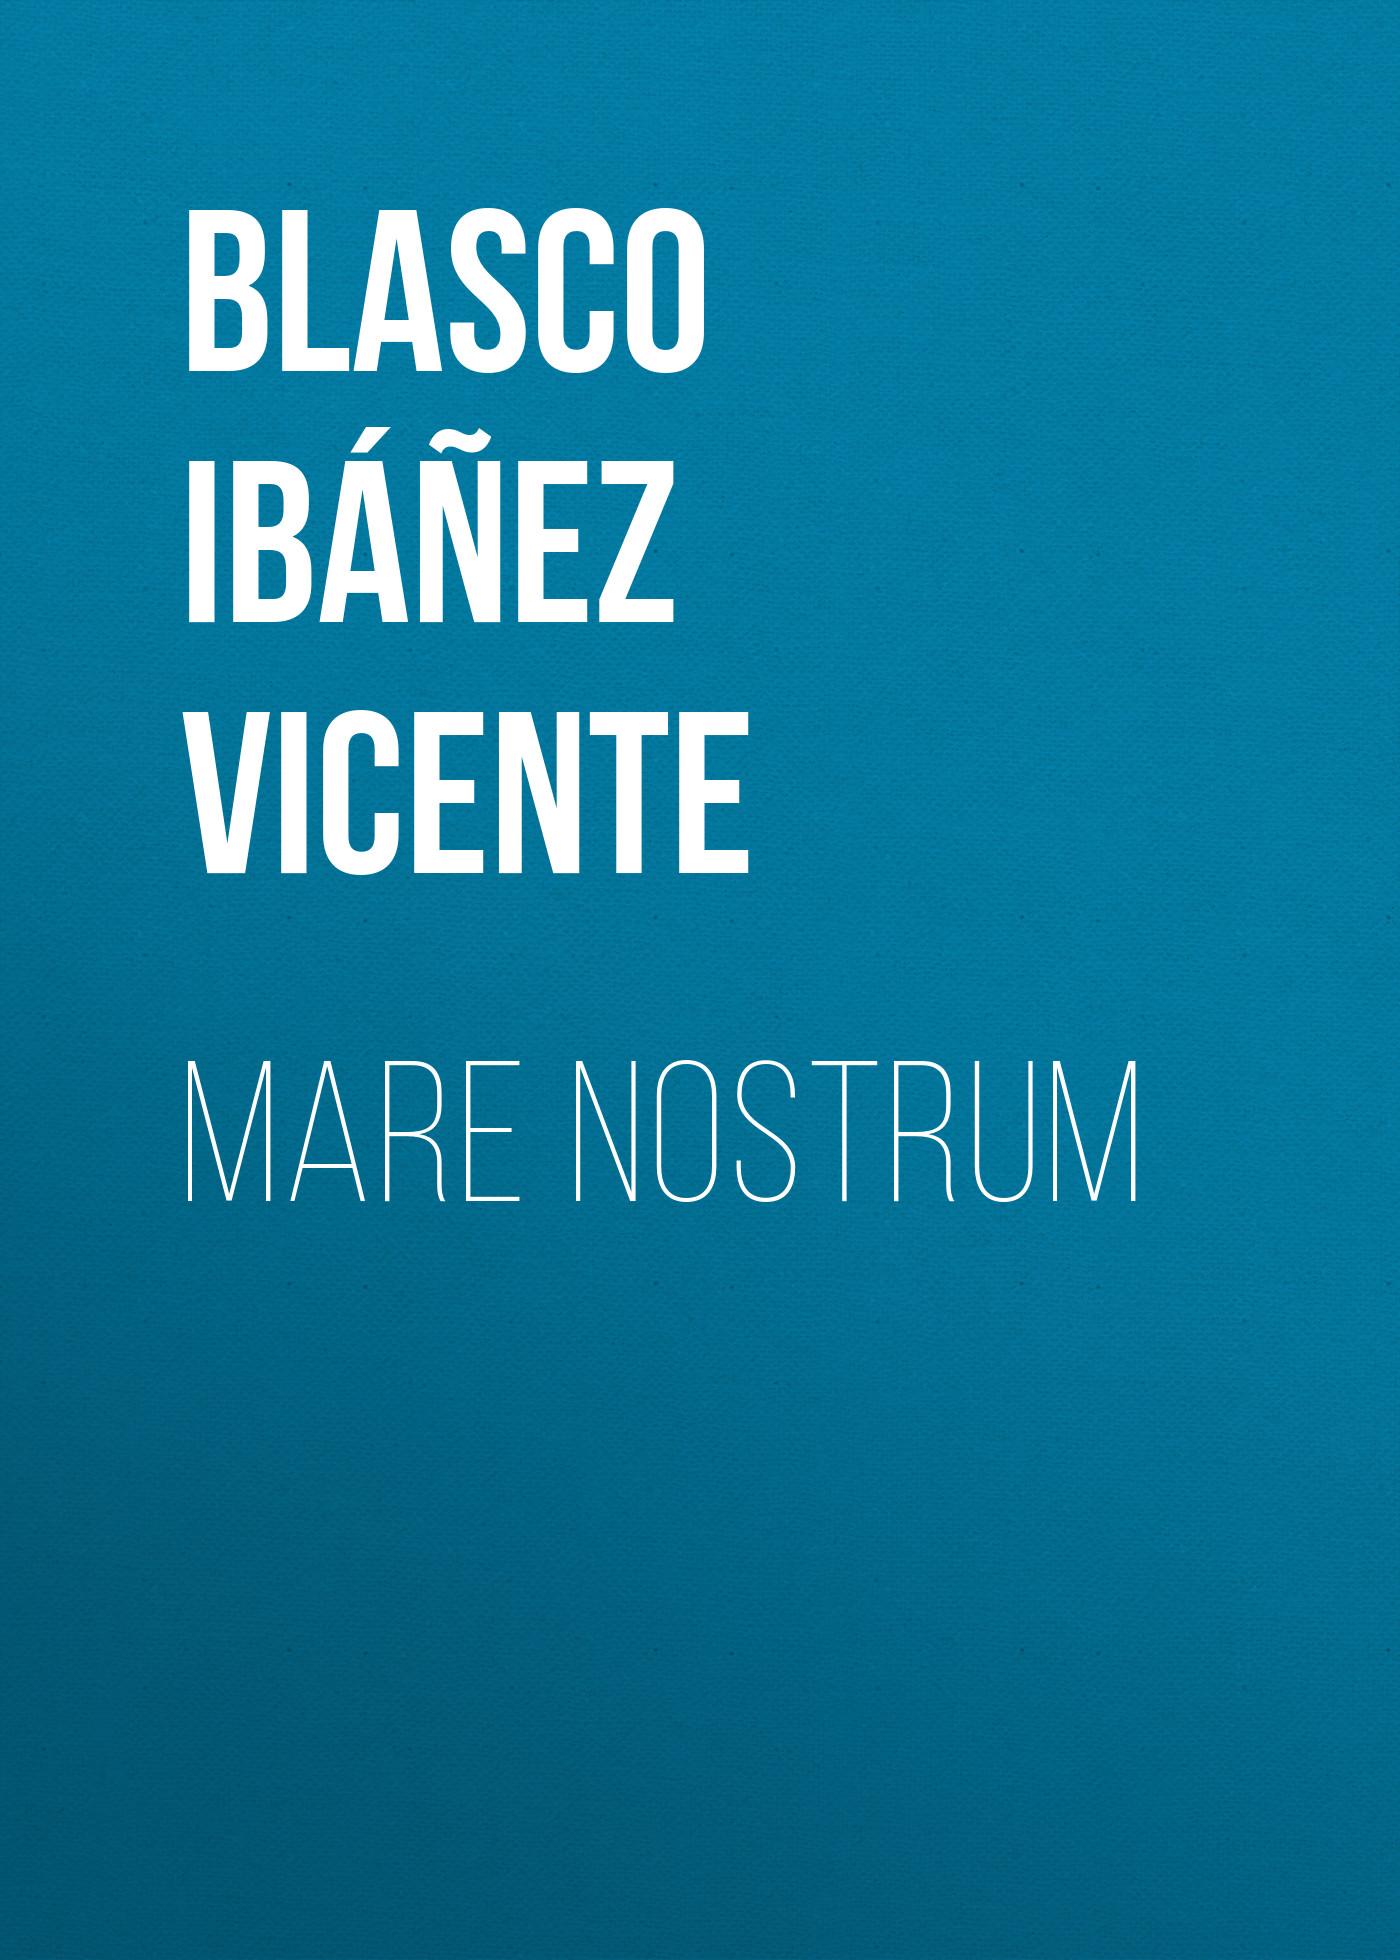 цена на Blasco Ibáñez Vicente Mare nostrum